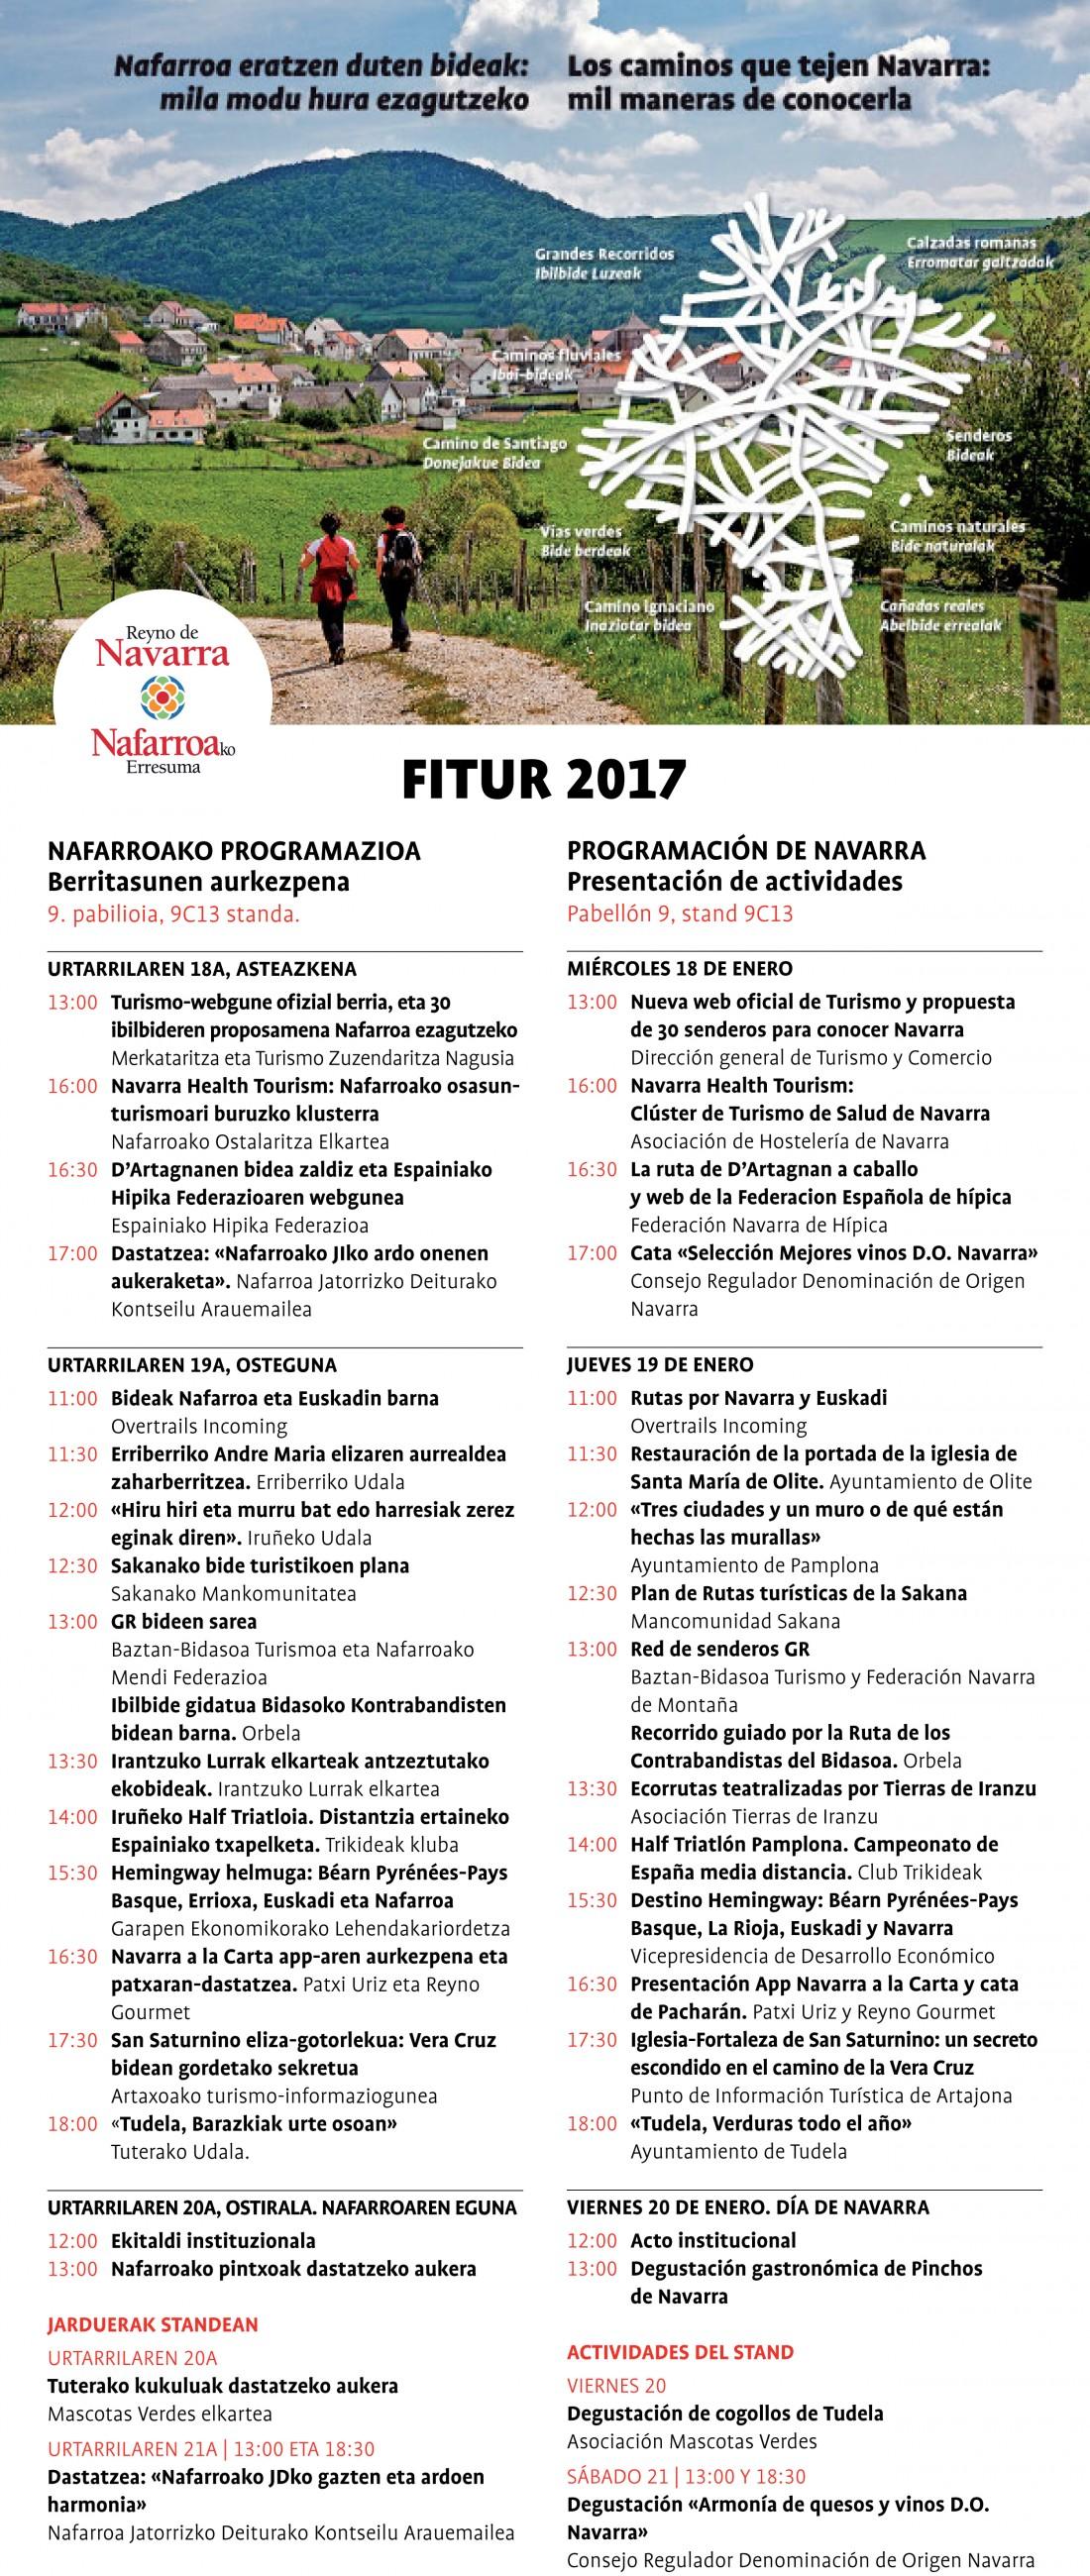 Programa FITUR 2017